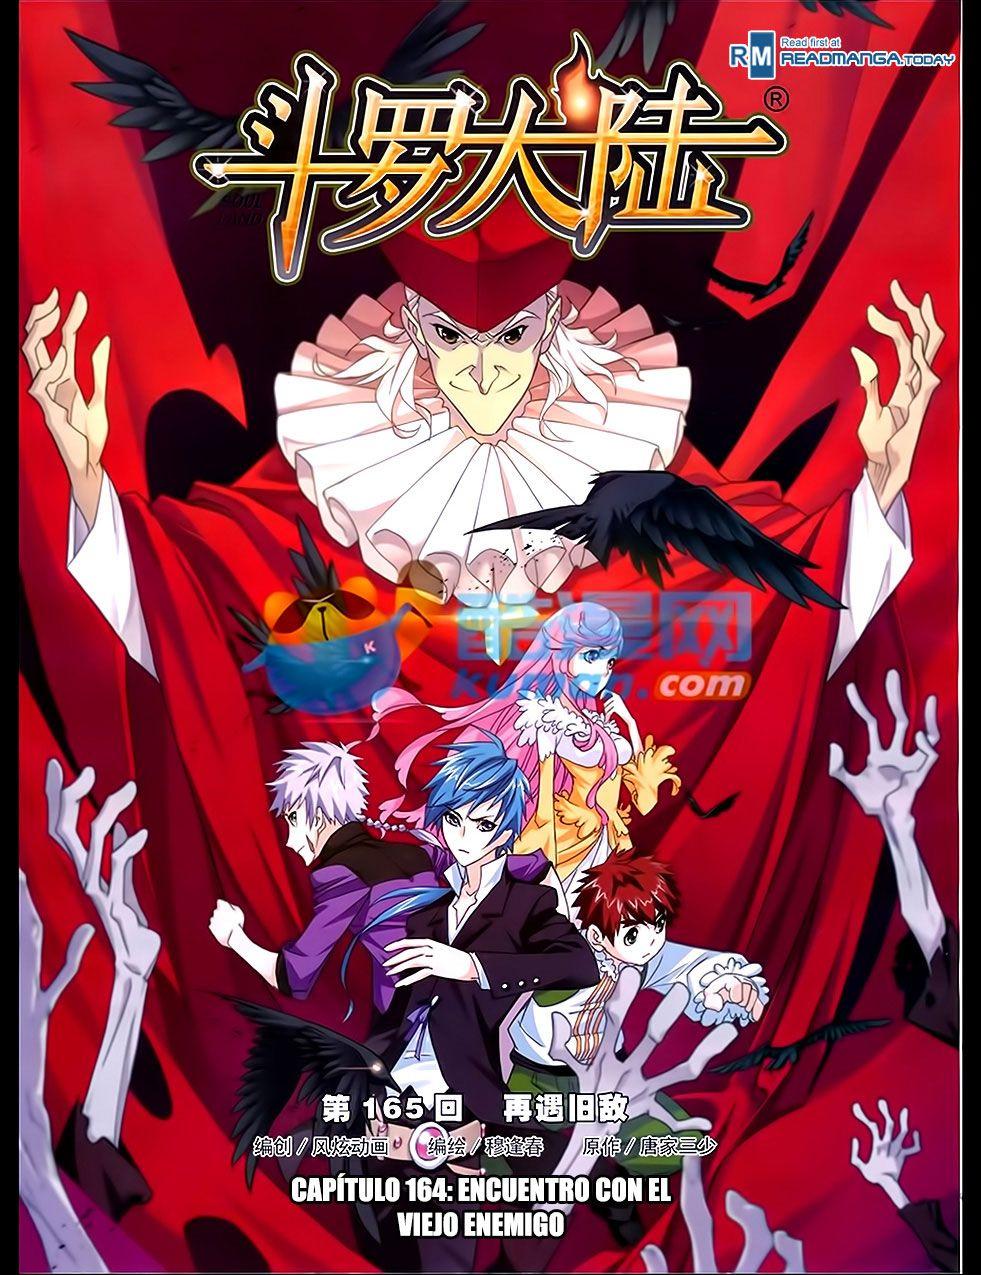 http://c5.ninemanga.com/es_manga/pic2/18/16210/516706/1a1f9720ea6295ccc73b43c07287b160.jpg Page 2